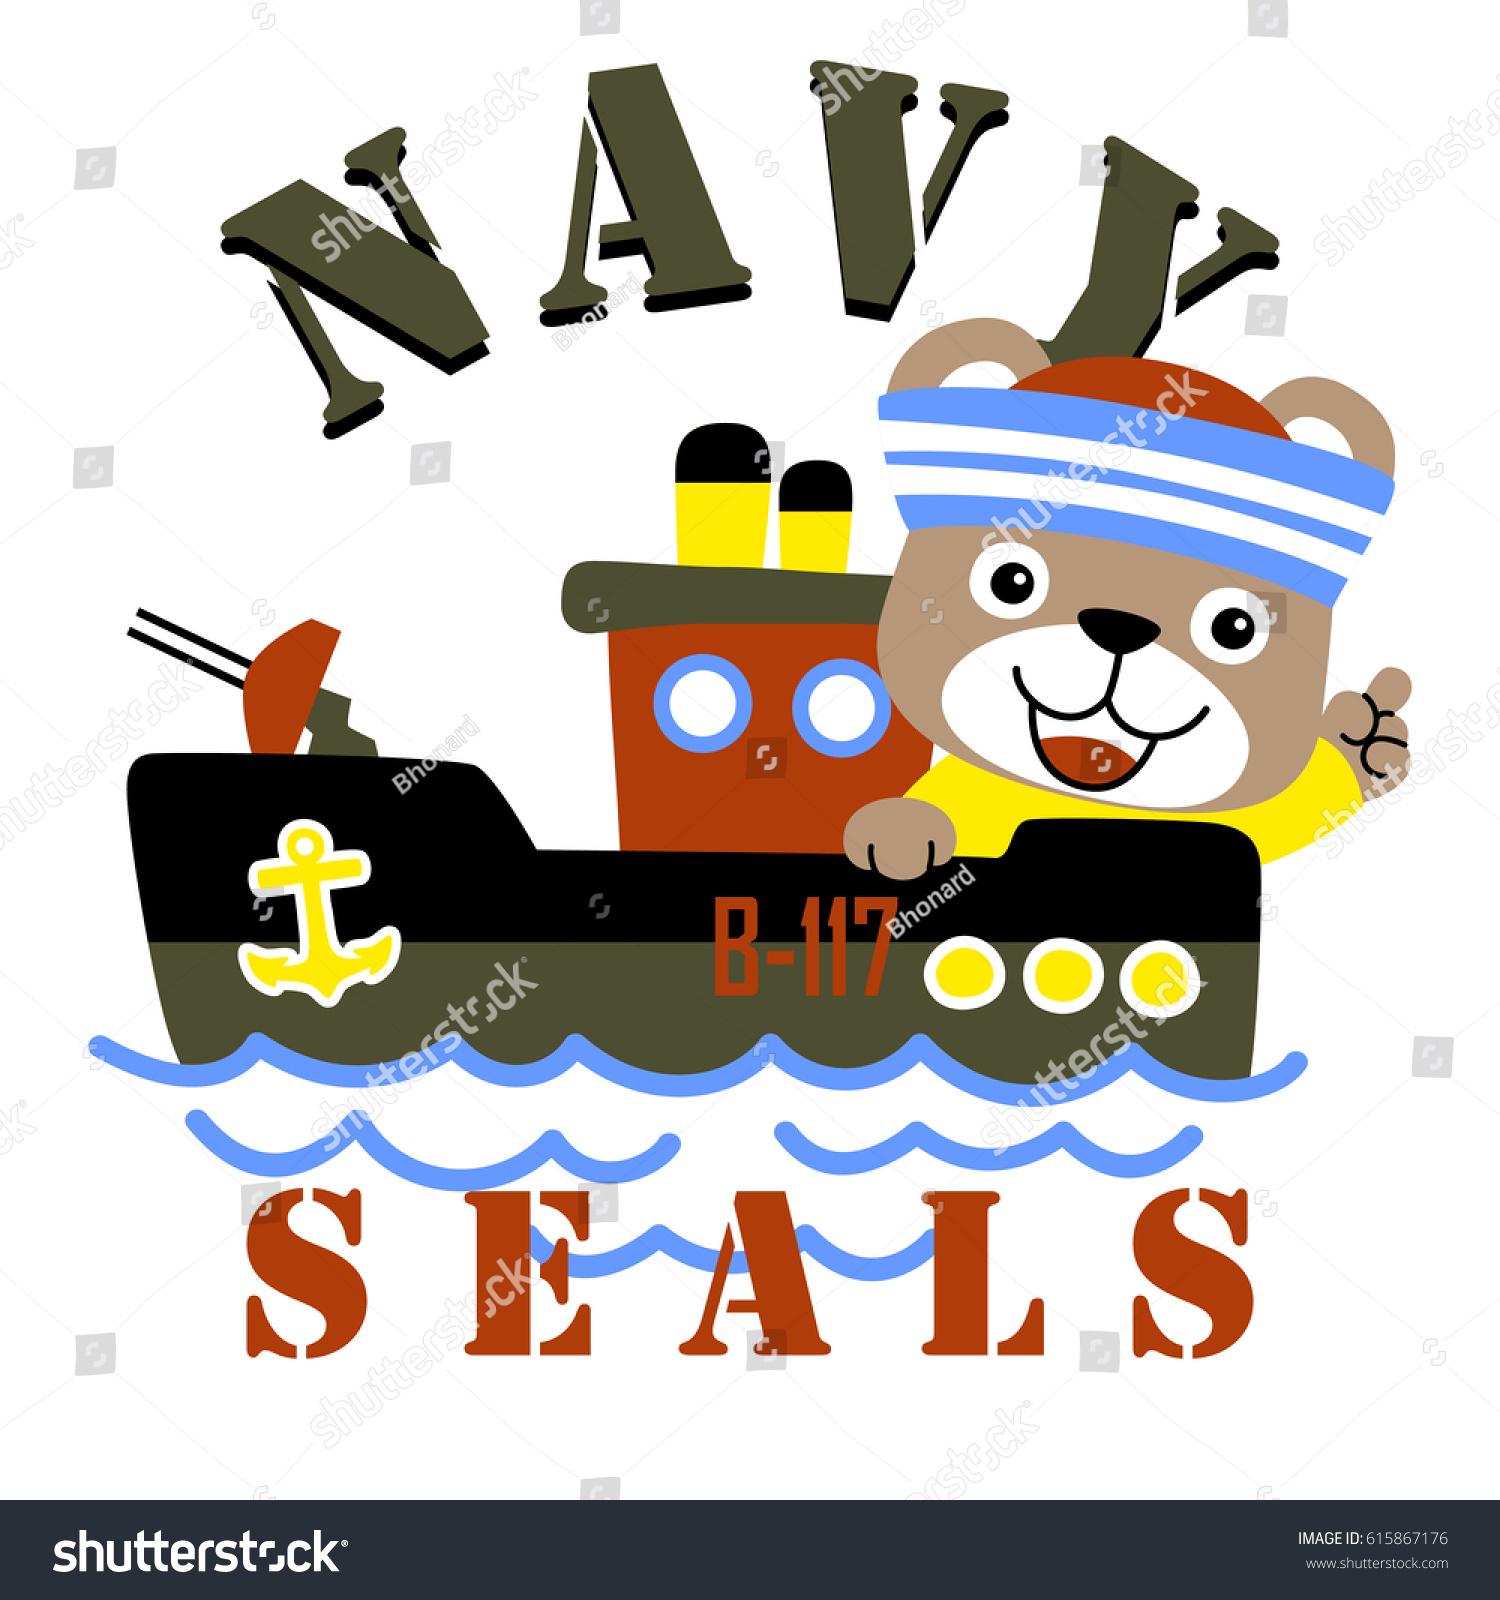 Shirt design wallpaper - Cute Bear The Navy Seals Vector Cartoon Kids T Shirt Design Wallpaper